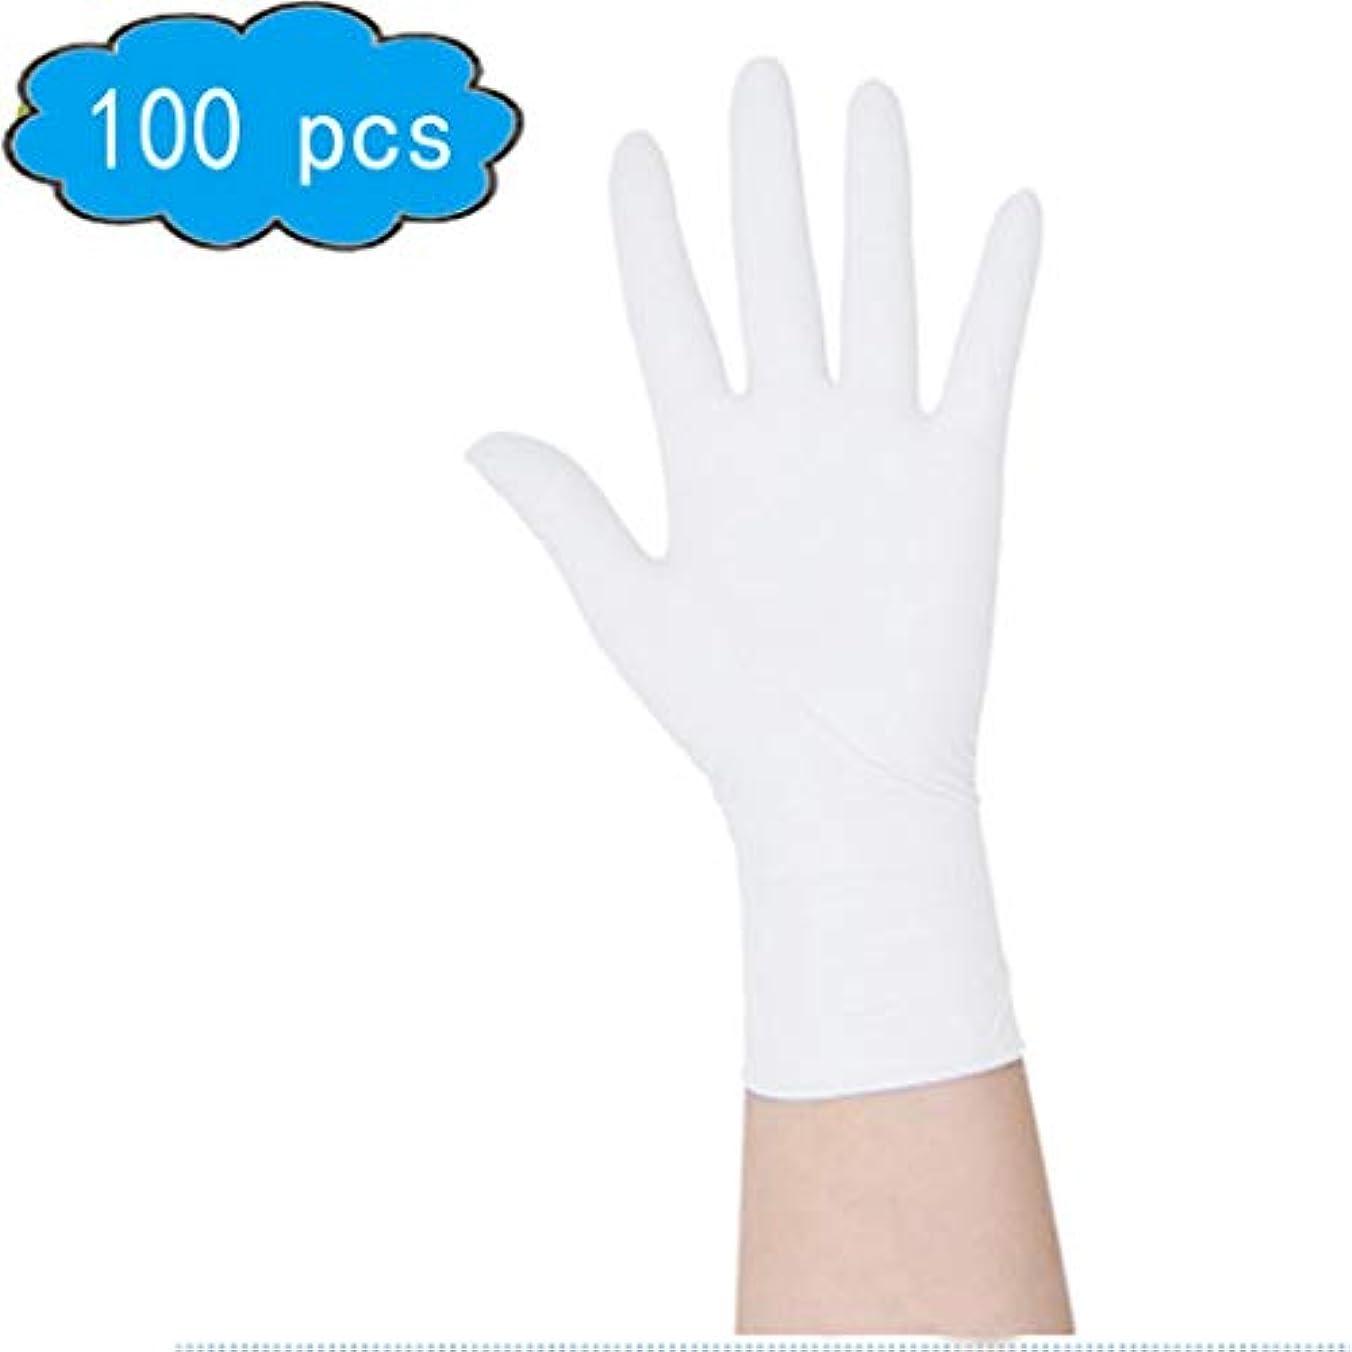 勤勉な前述のストレスの多い使い捨てラテックス検査用手袋、使い捨て、使えるフリーサイズニトリルクリーニンググローブ(100カウント) (Color : White, Size : L)